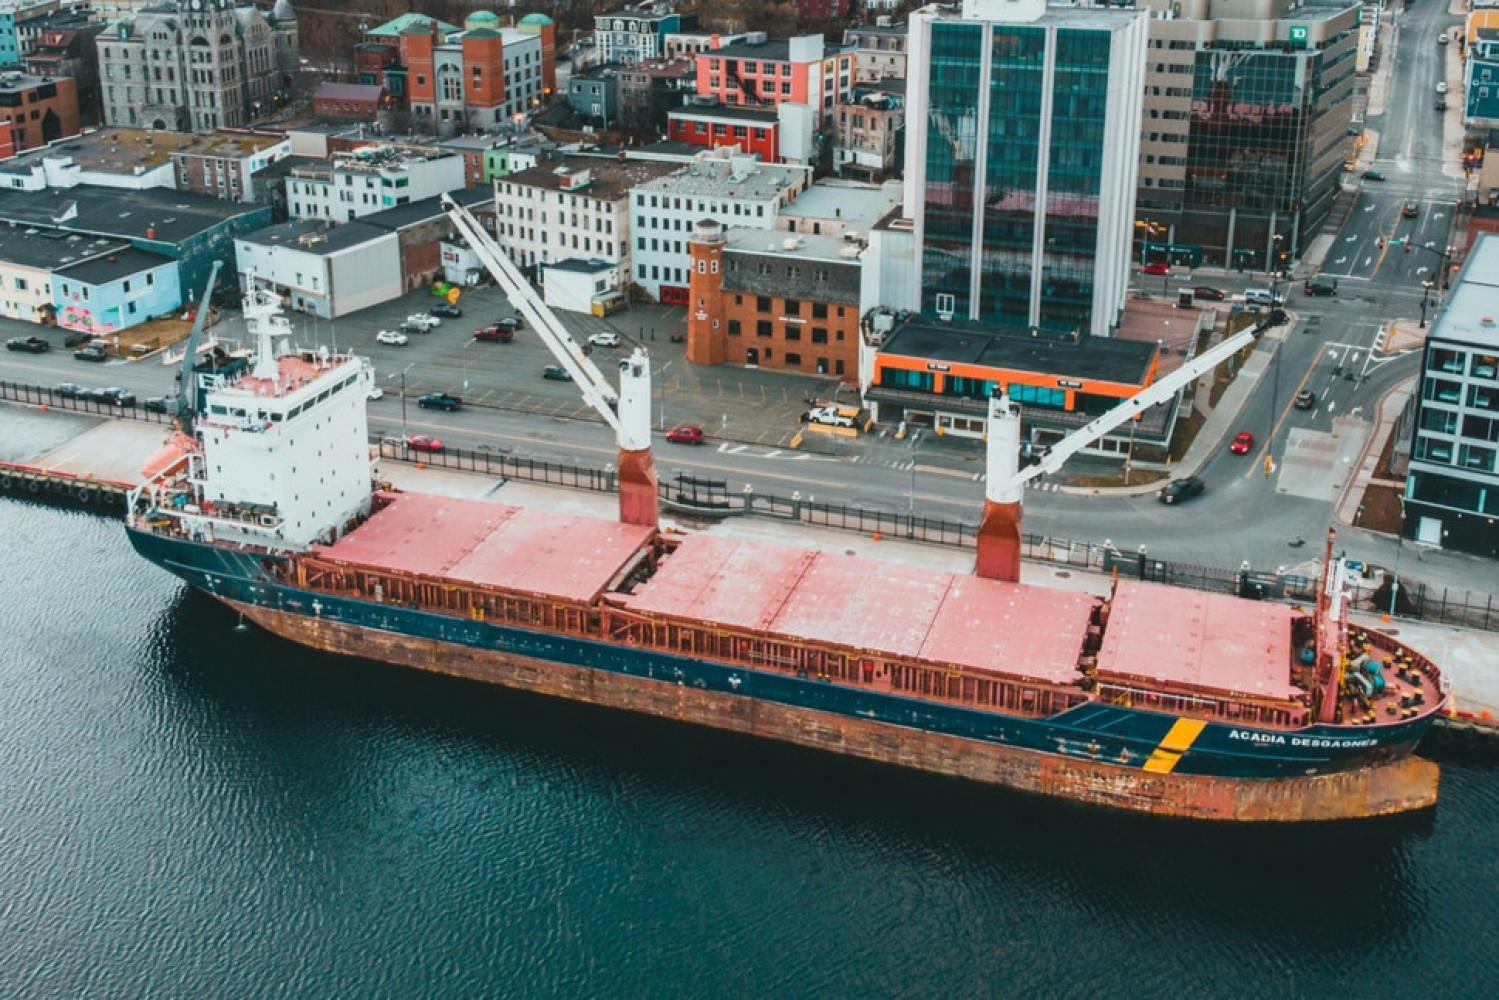 Genarrest af skib var nødvendig og lovlig